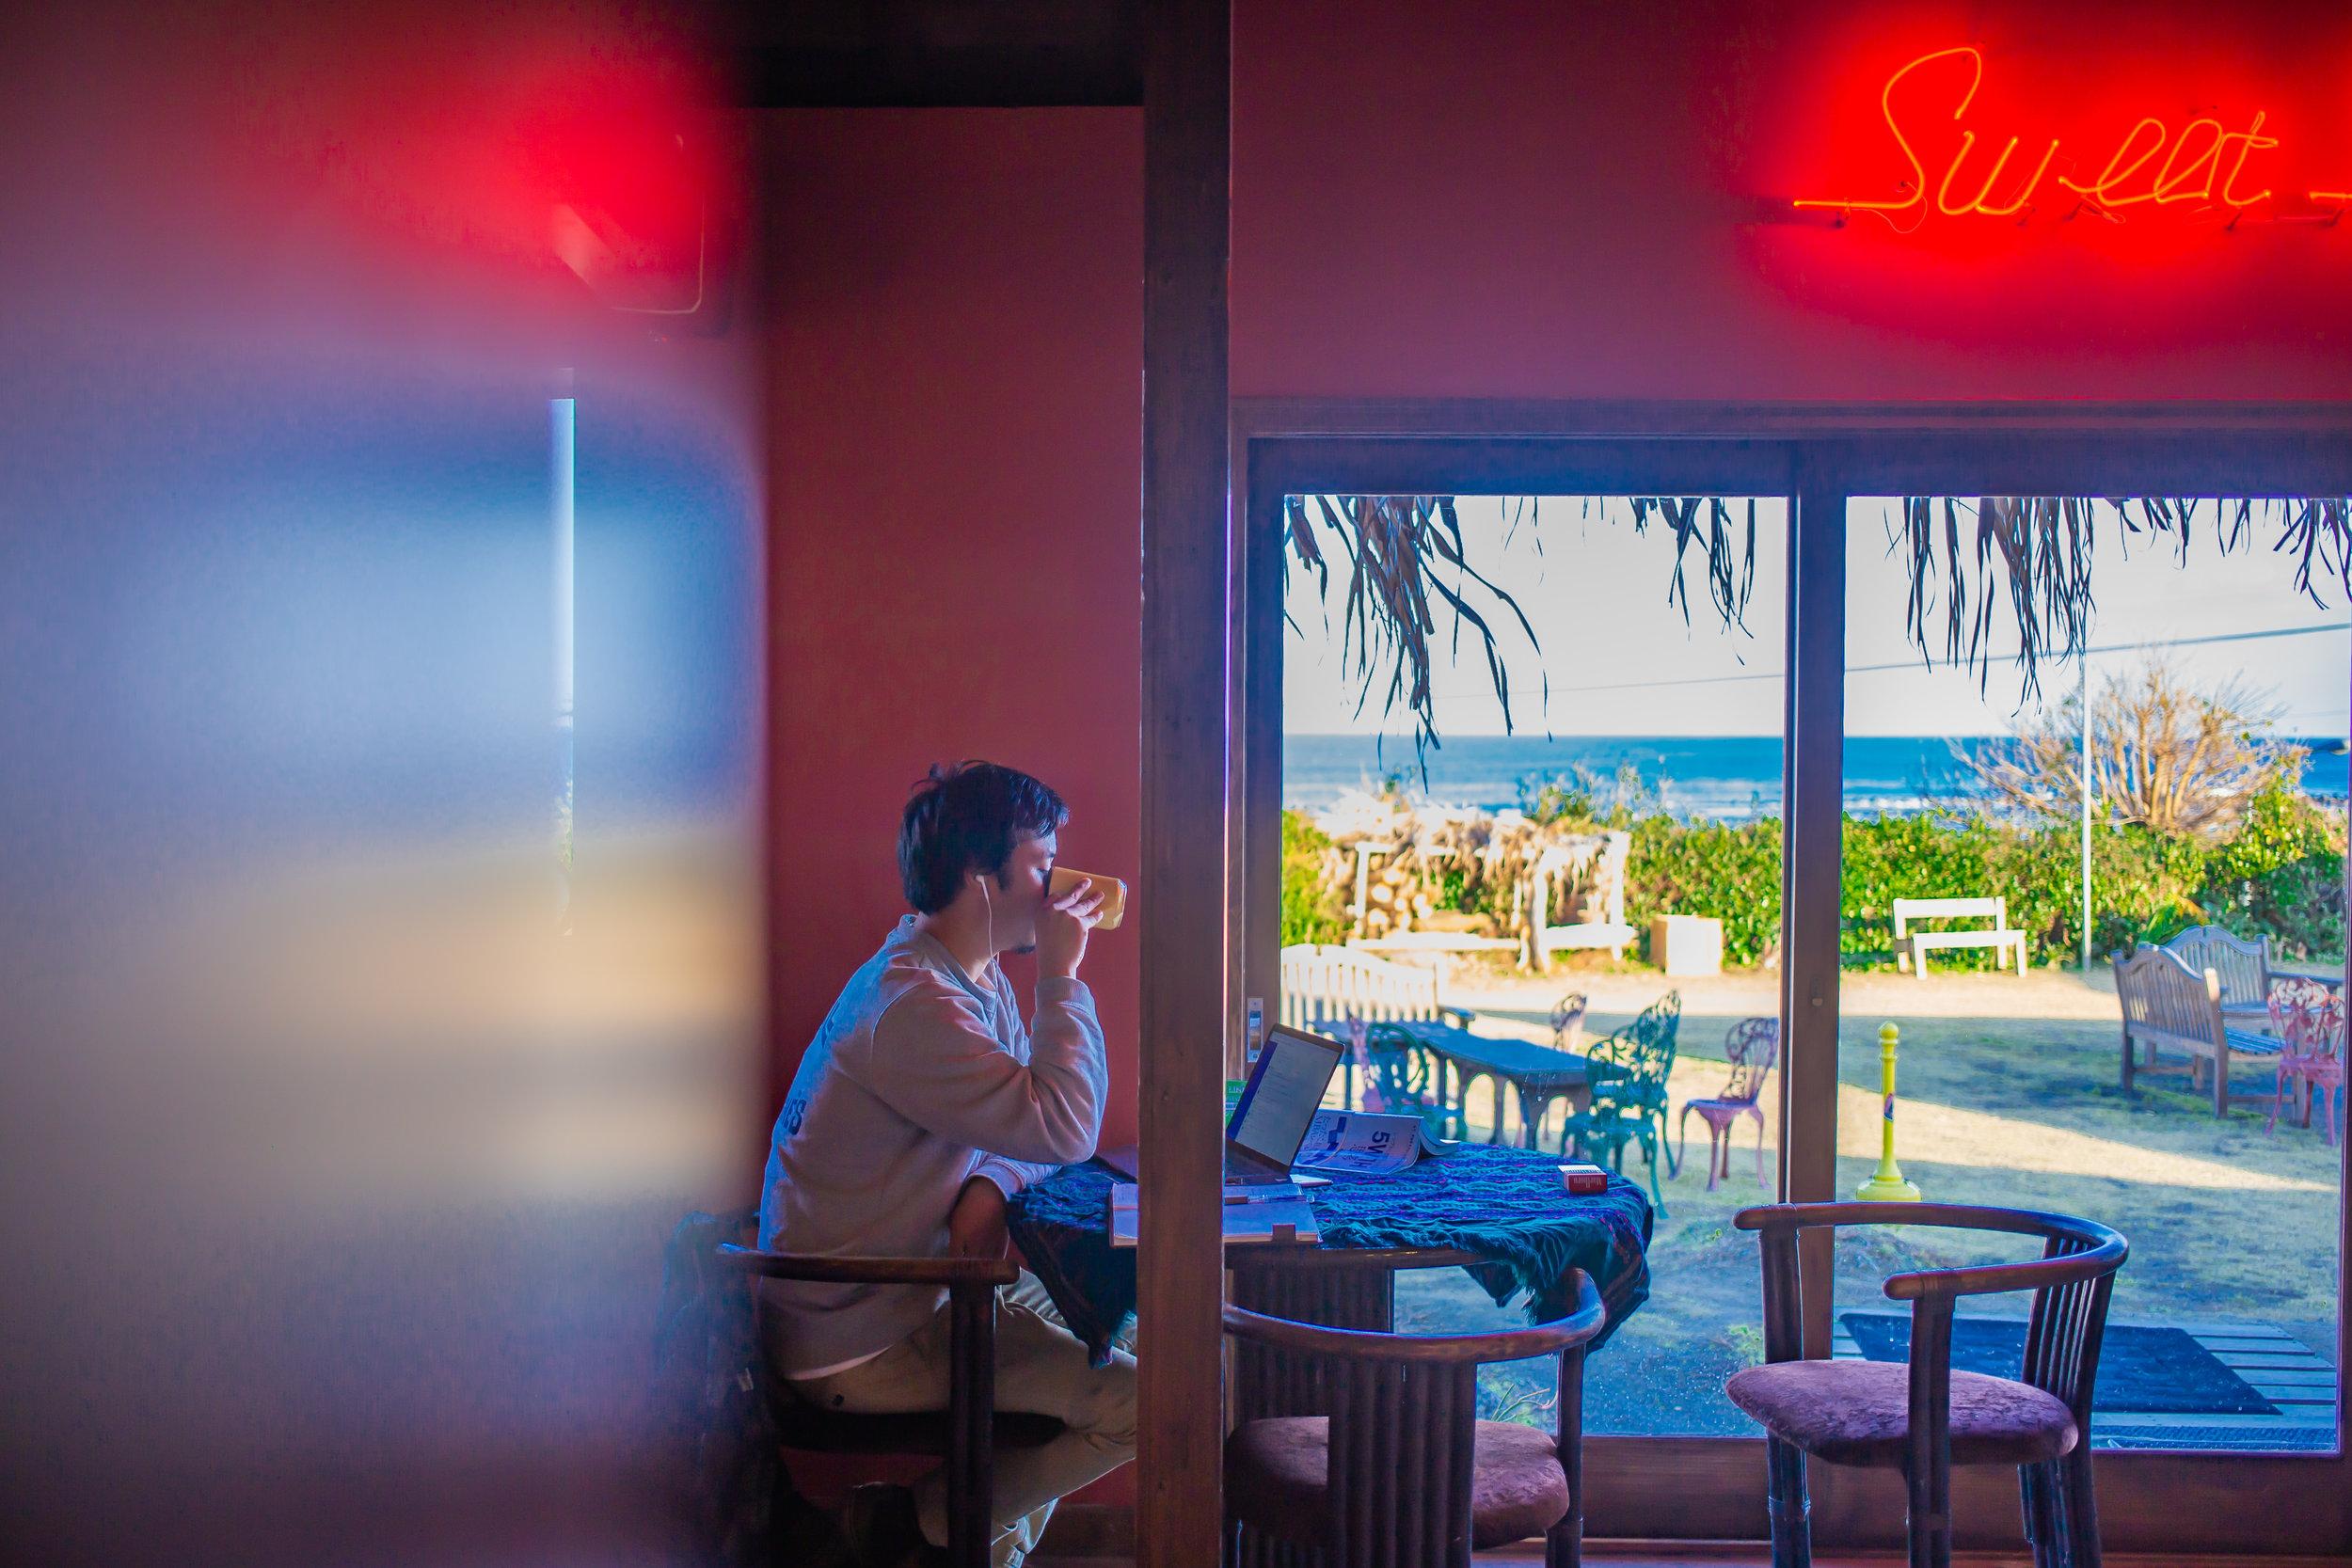 ルージュの伝言(カフェ)で仕事するのが一番落ち着く。美味しいコーヒーを飲みながら外の景色を堪能しながら仕事モード